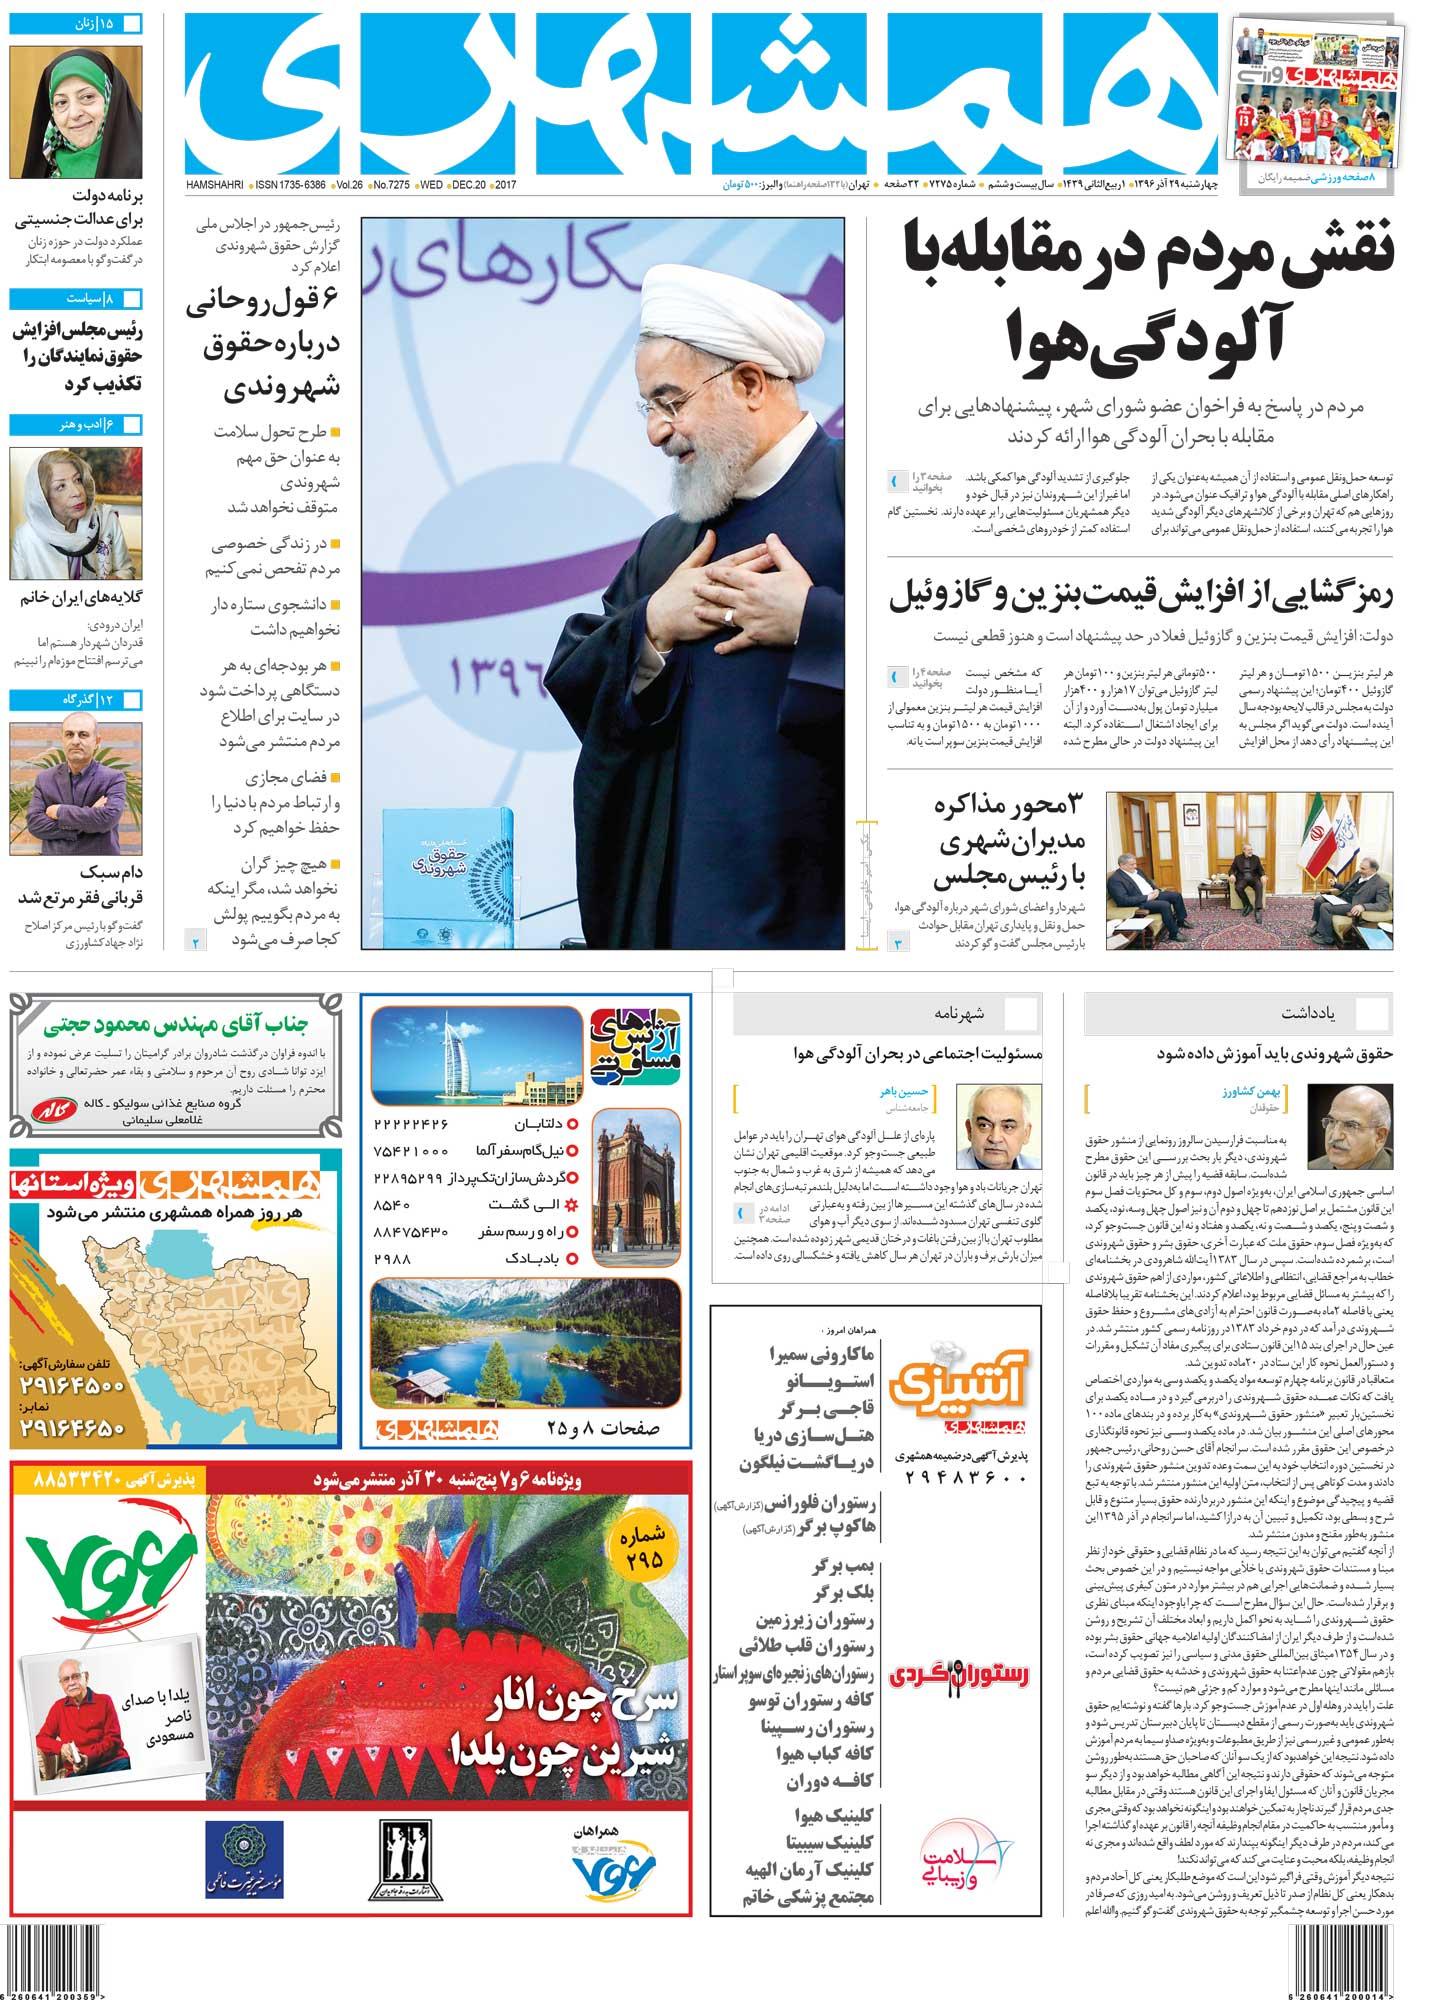 صفحه اول همشهری چهارشنبه 29 آذر ۱۳۹۶